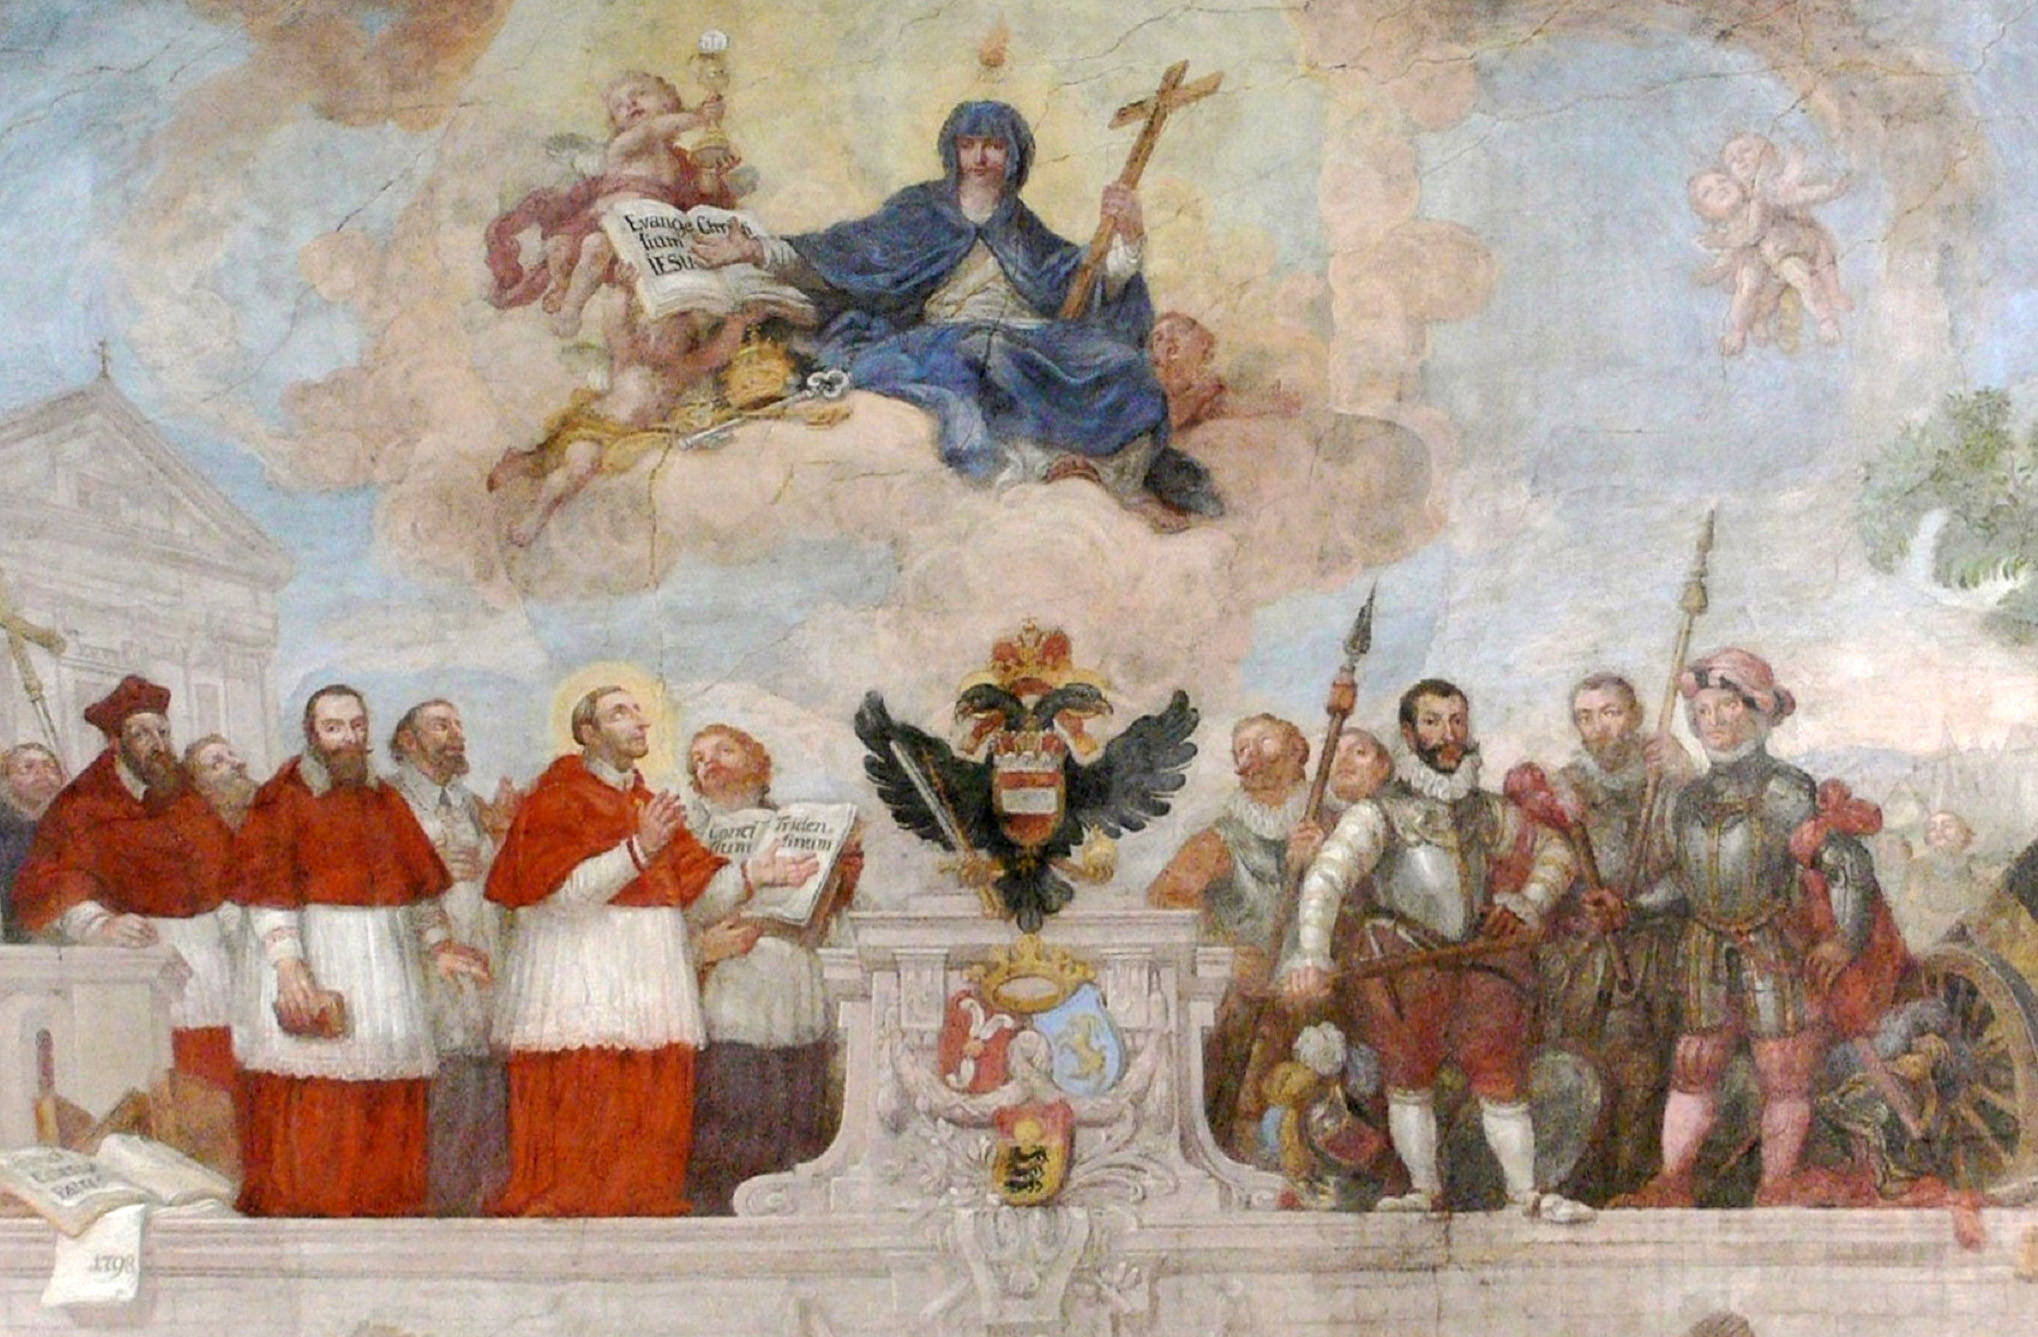 San Carlos Borromeo en el Concilio de Trento